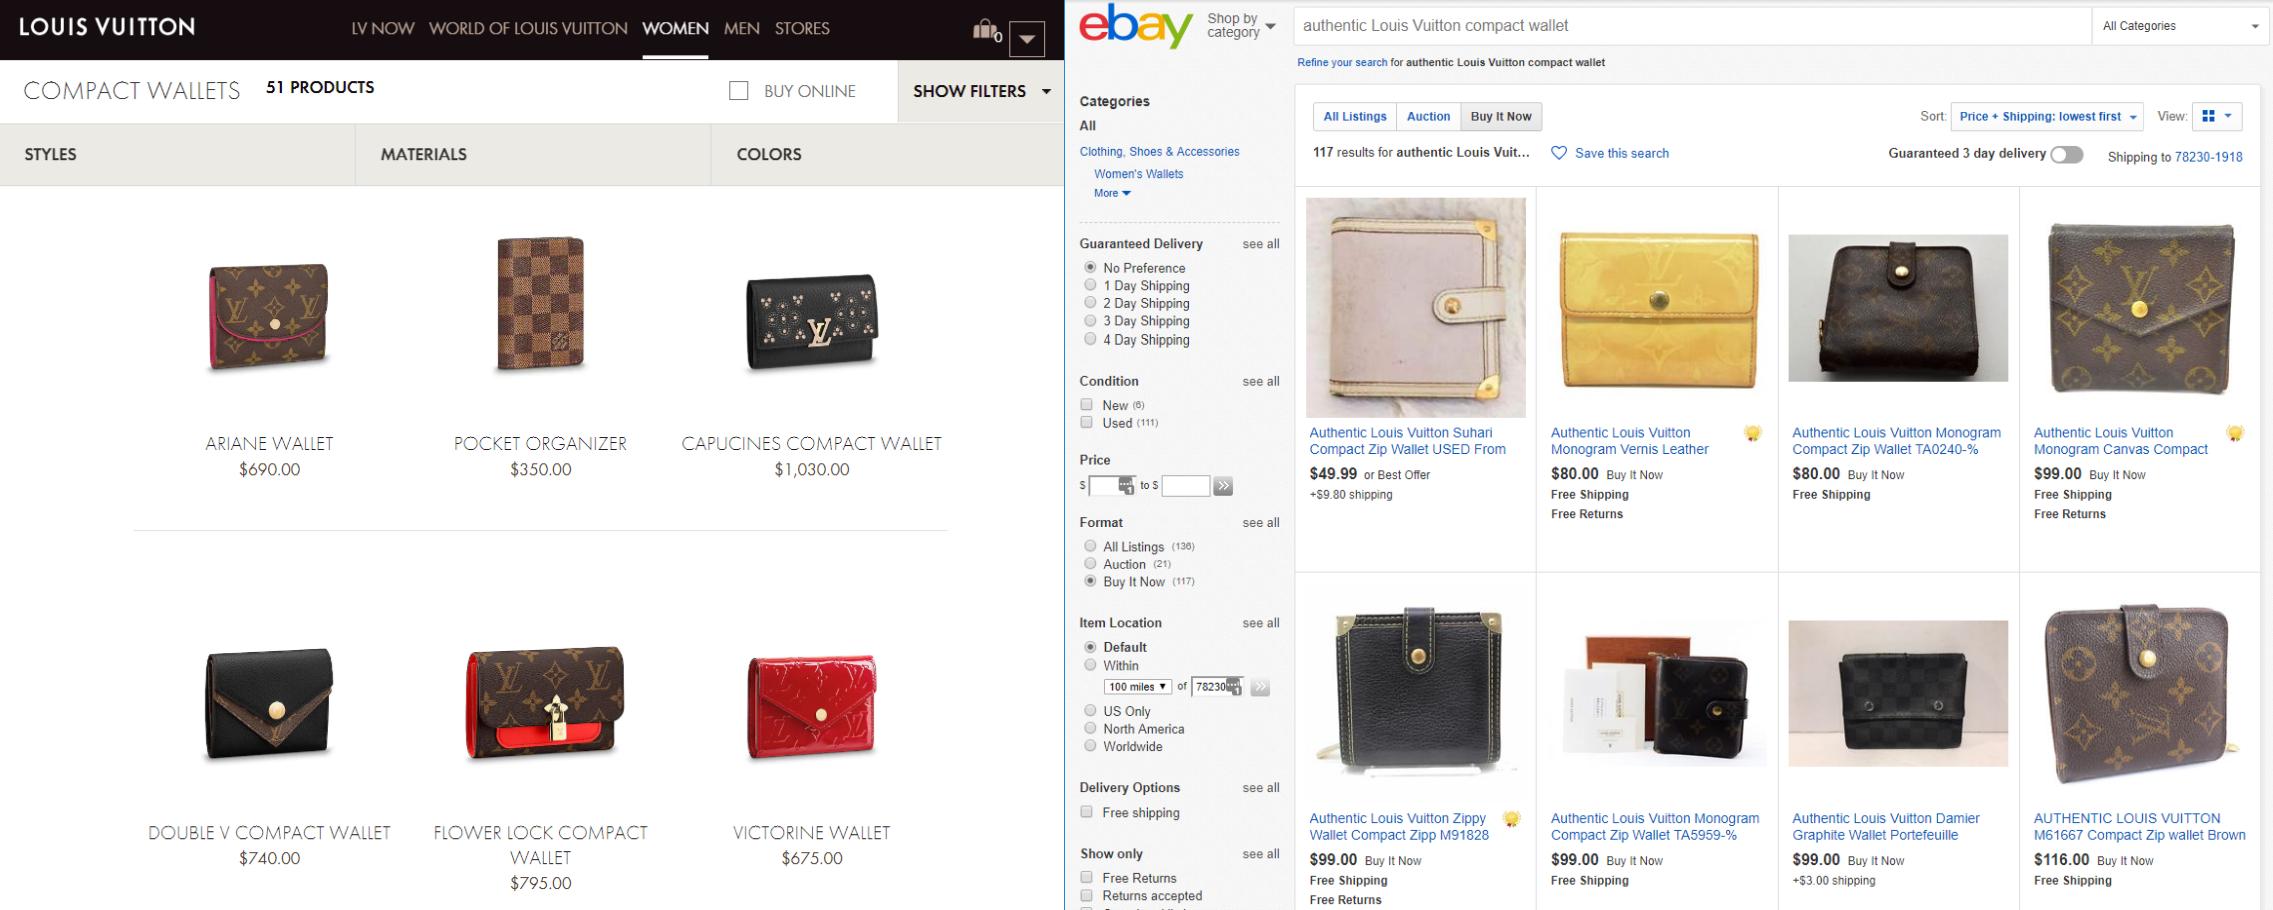 ce0d64d708bd ... we have a half-dozen authentic Louis Vuitton compact wallets